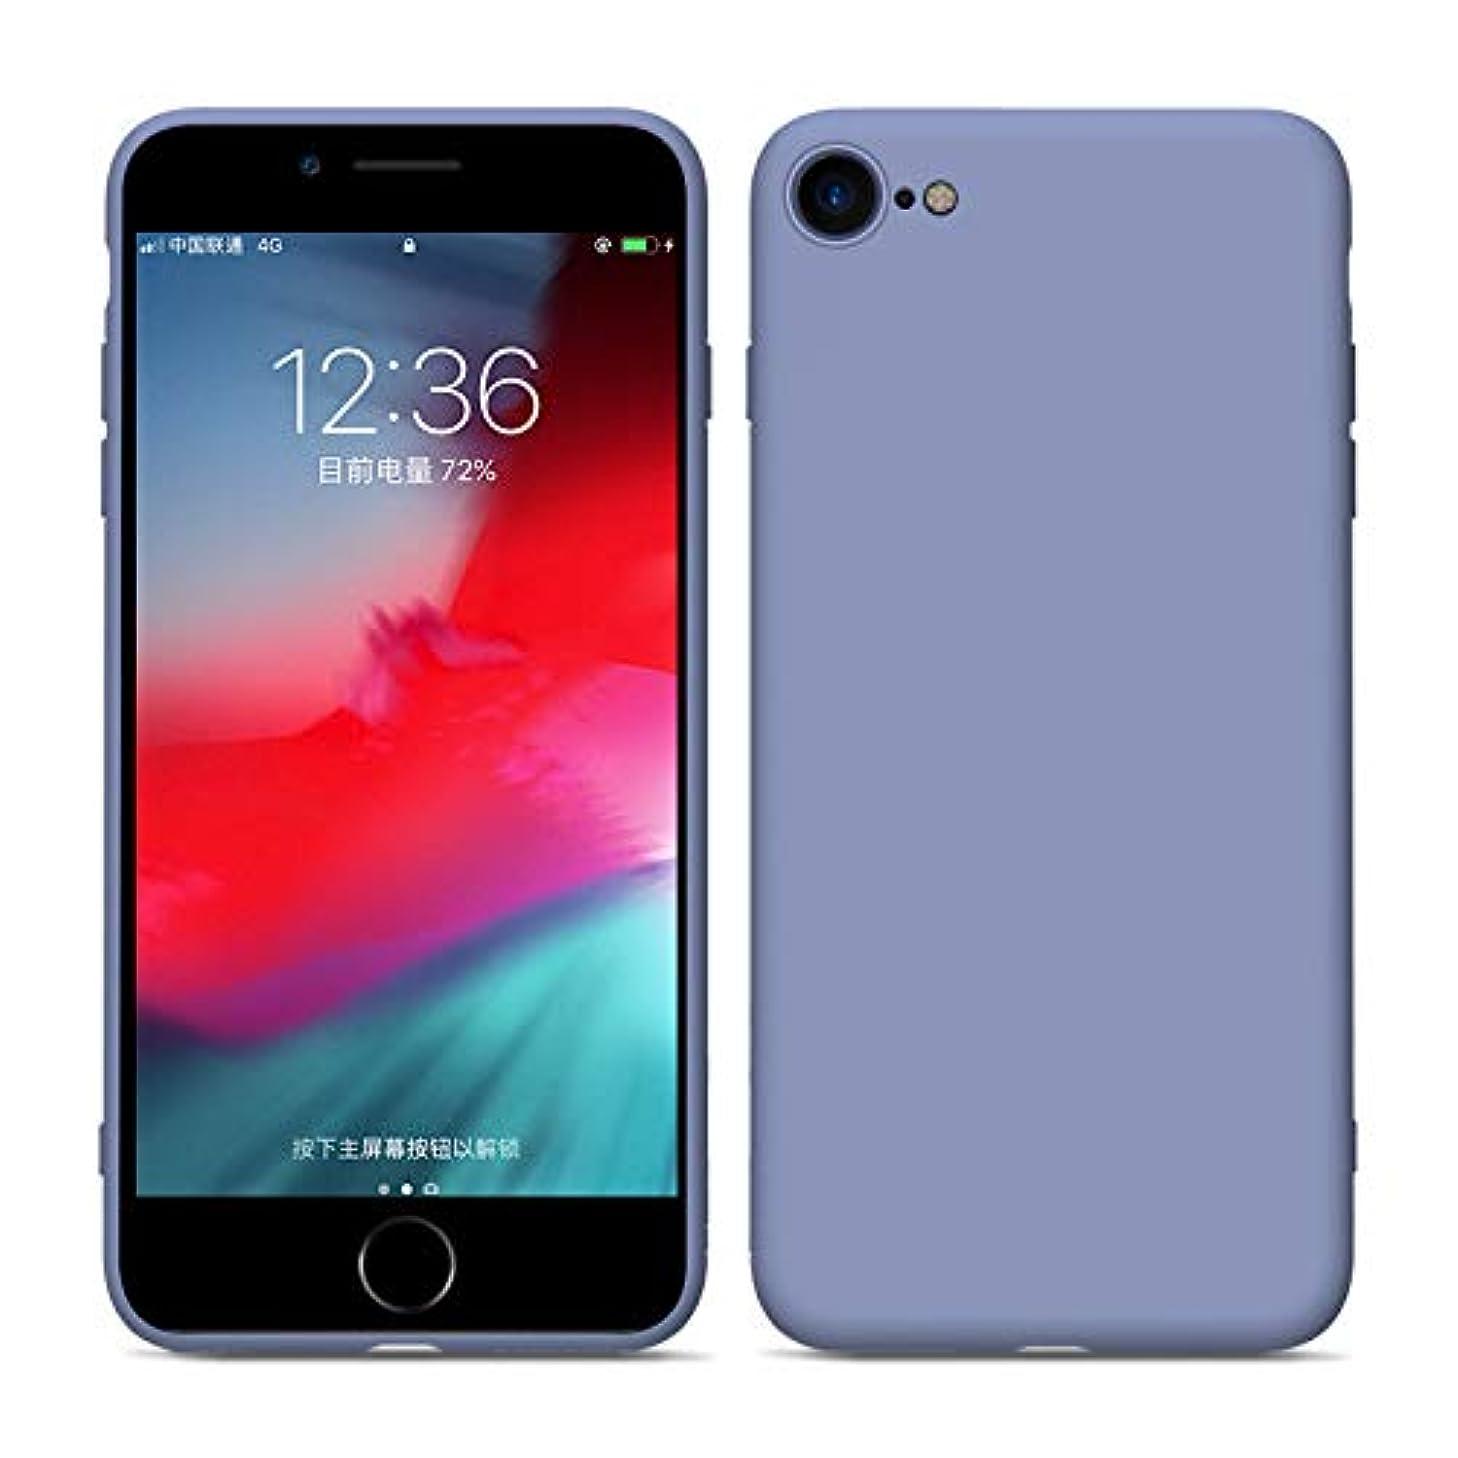 衛星狼マークダウンPANDA BABY iPhone 7/iPhone 8シリコンケース ワイヤレス充電対応 (パープル)